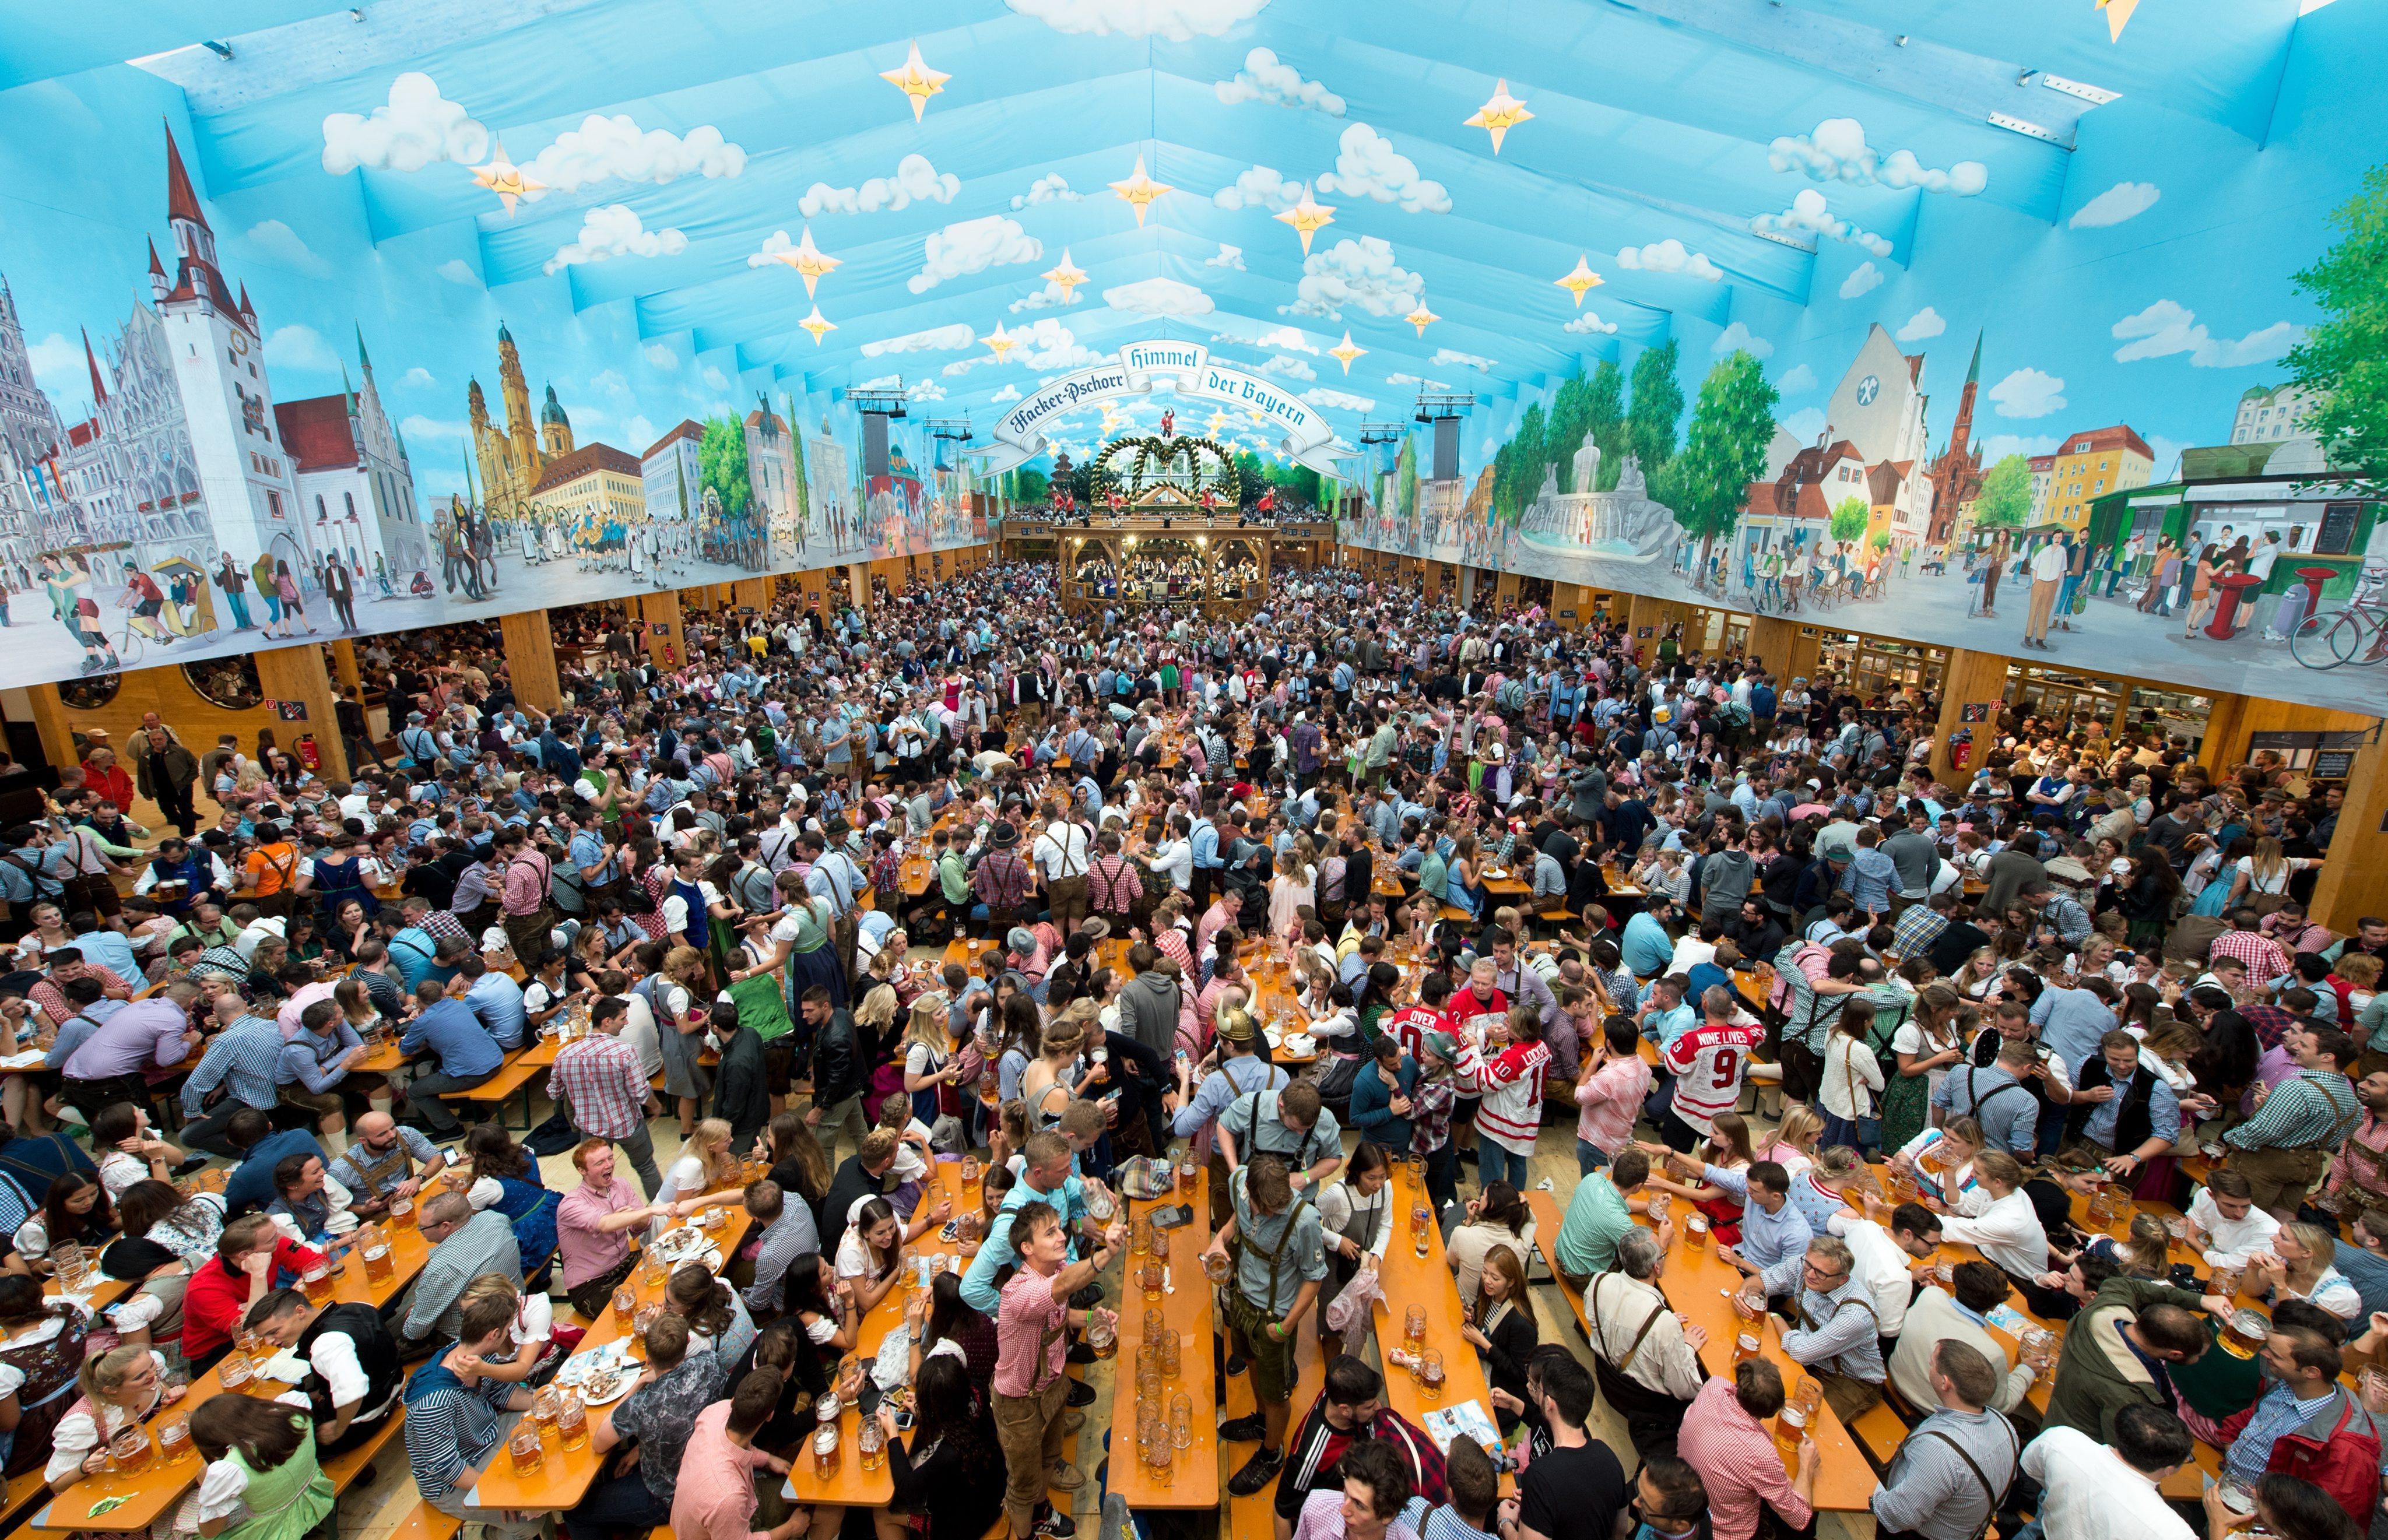 A inceput cea mai mare sarbatoare a berii, Oktoberfest, in Munchen